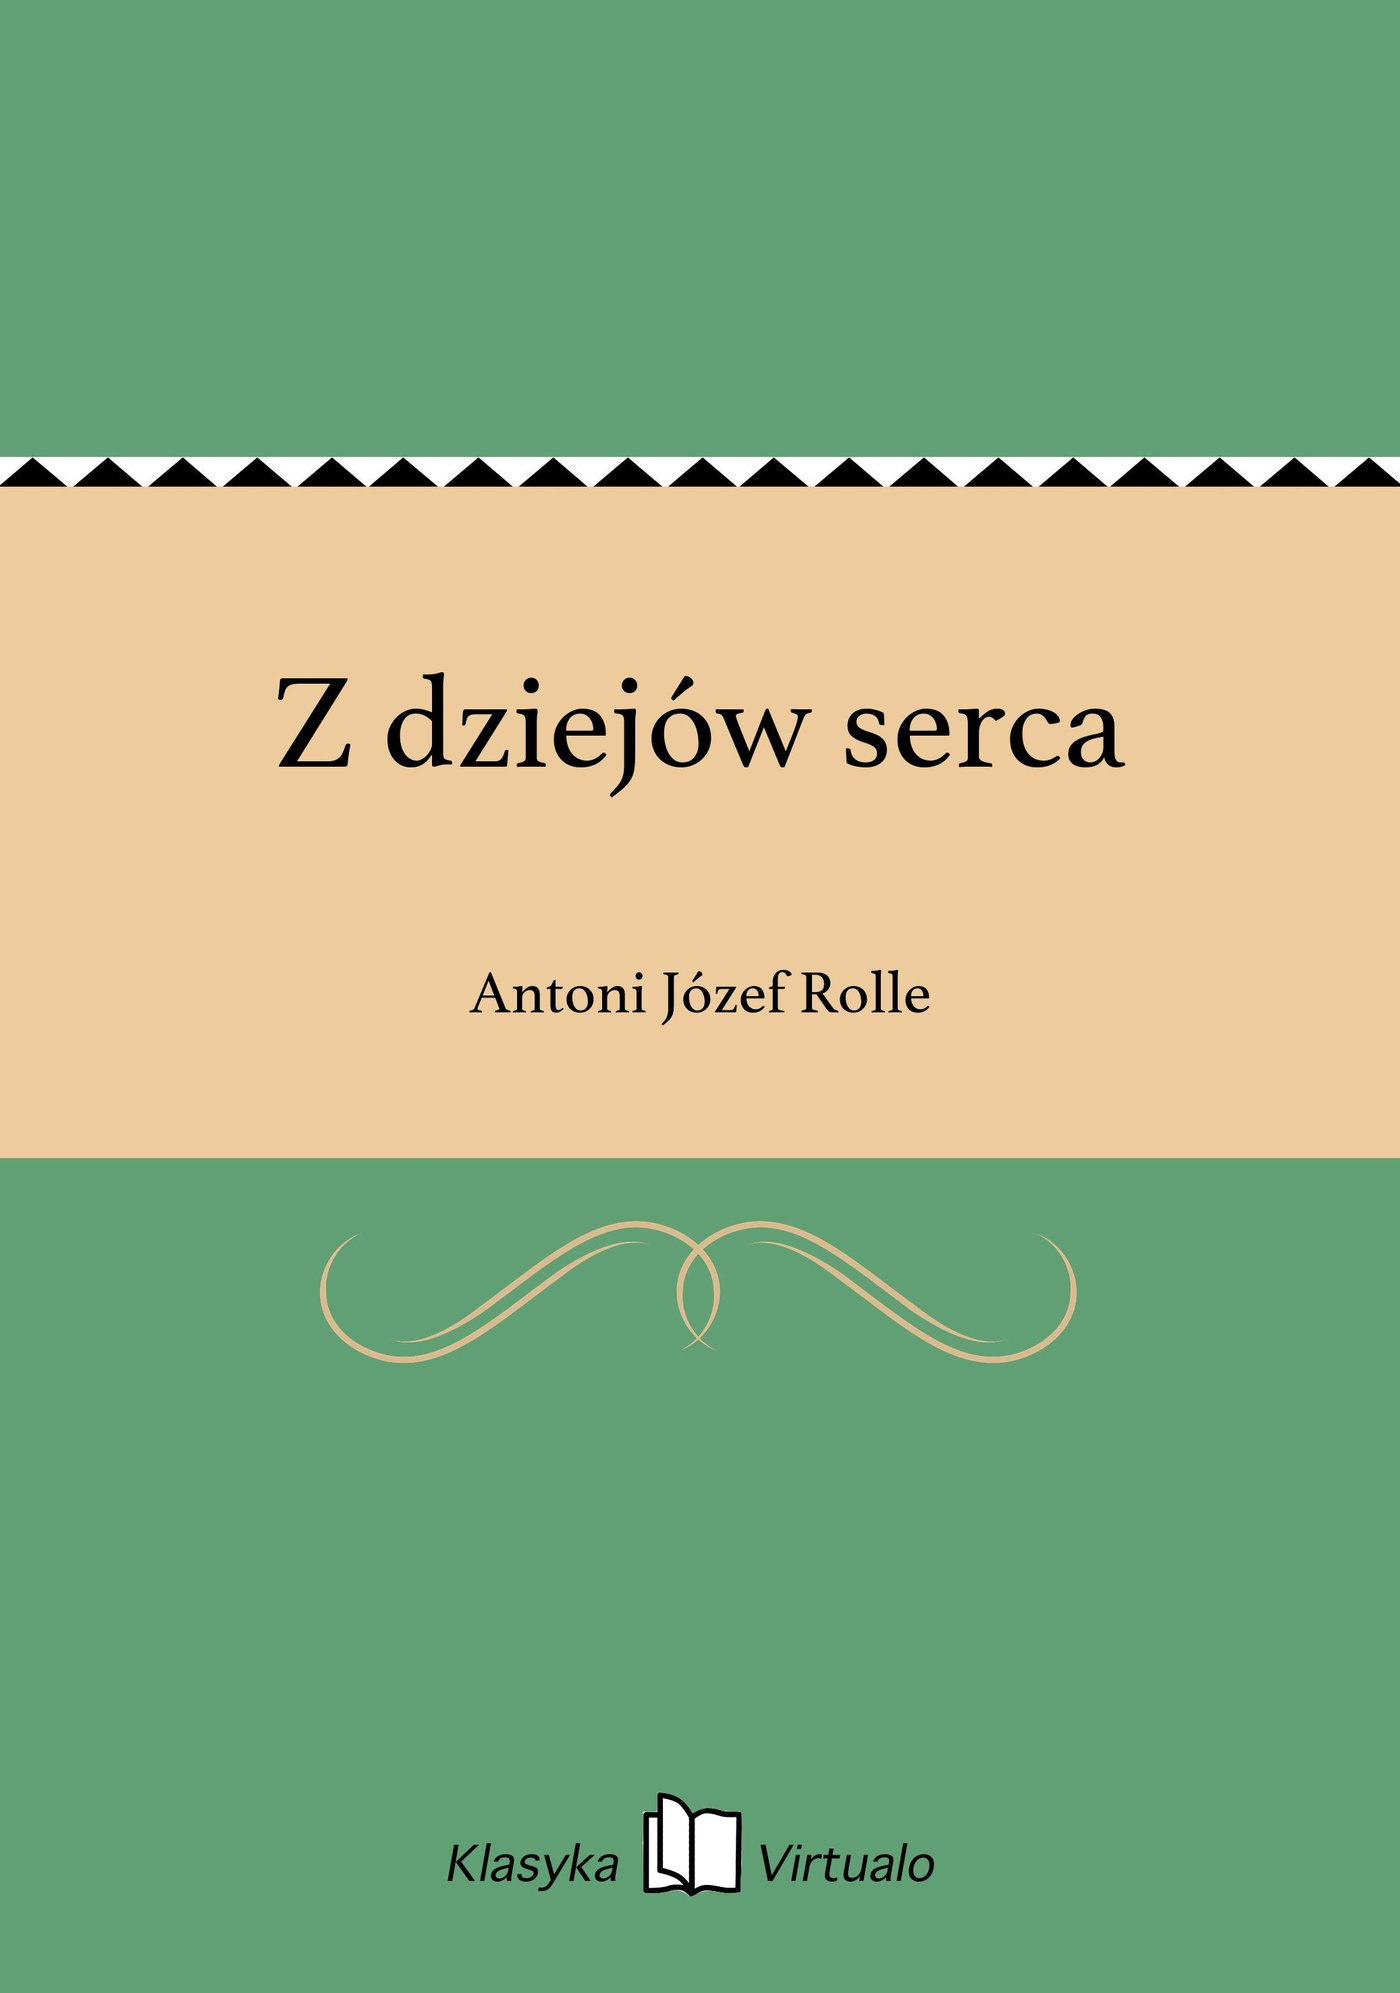 Z dziejów serca - Ebook (Książka EPUB) do pobrania w formacie EPUB